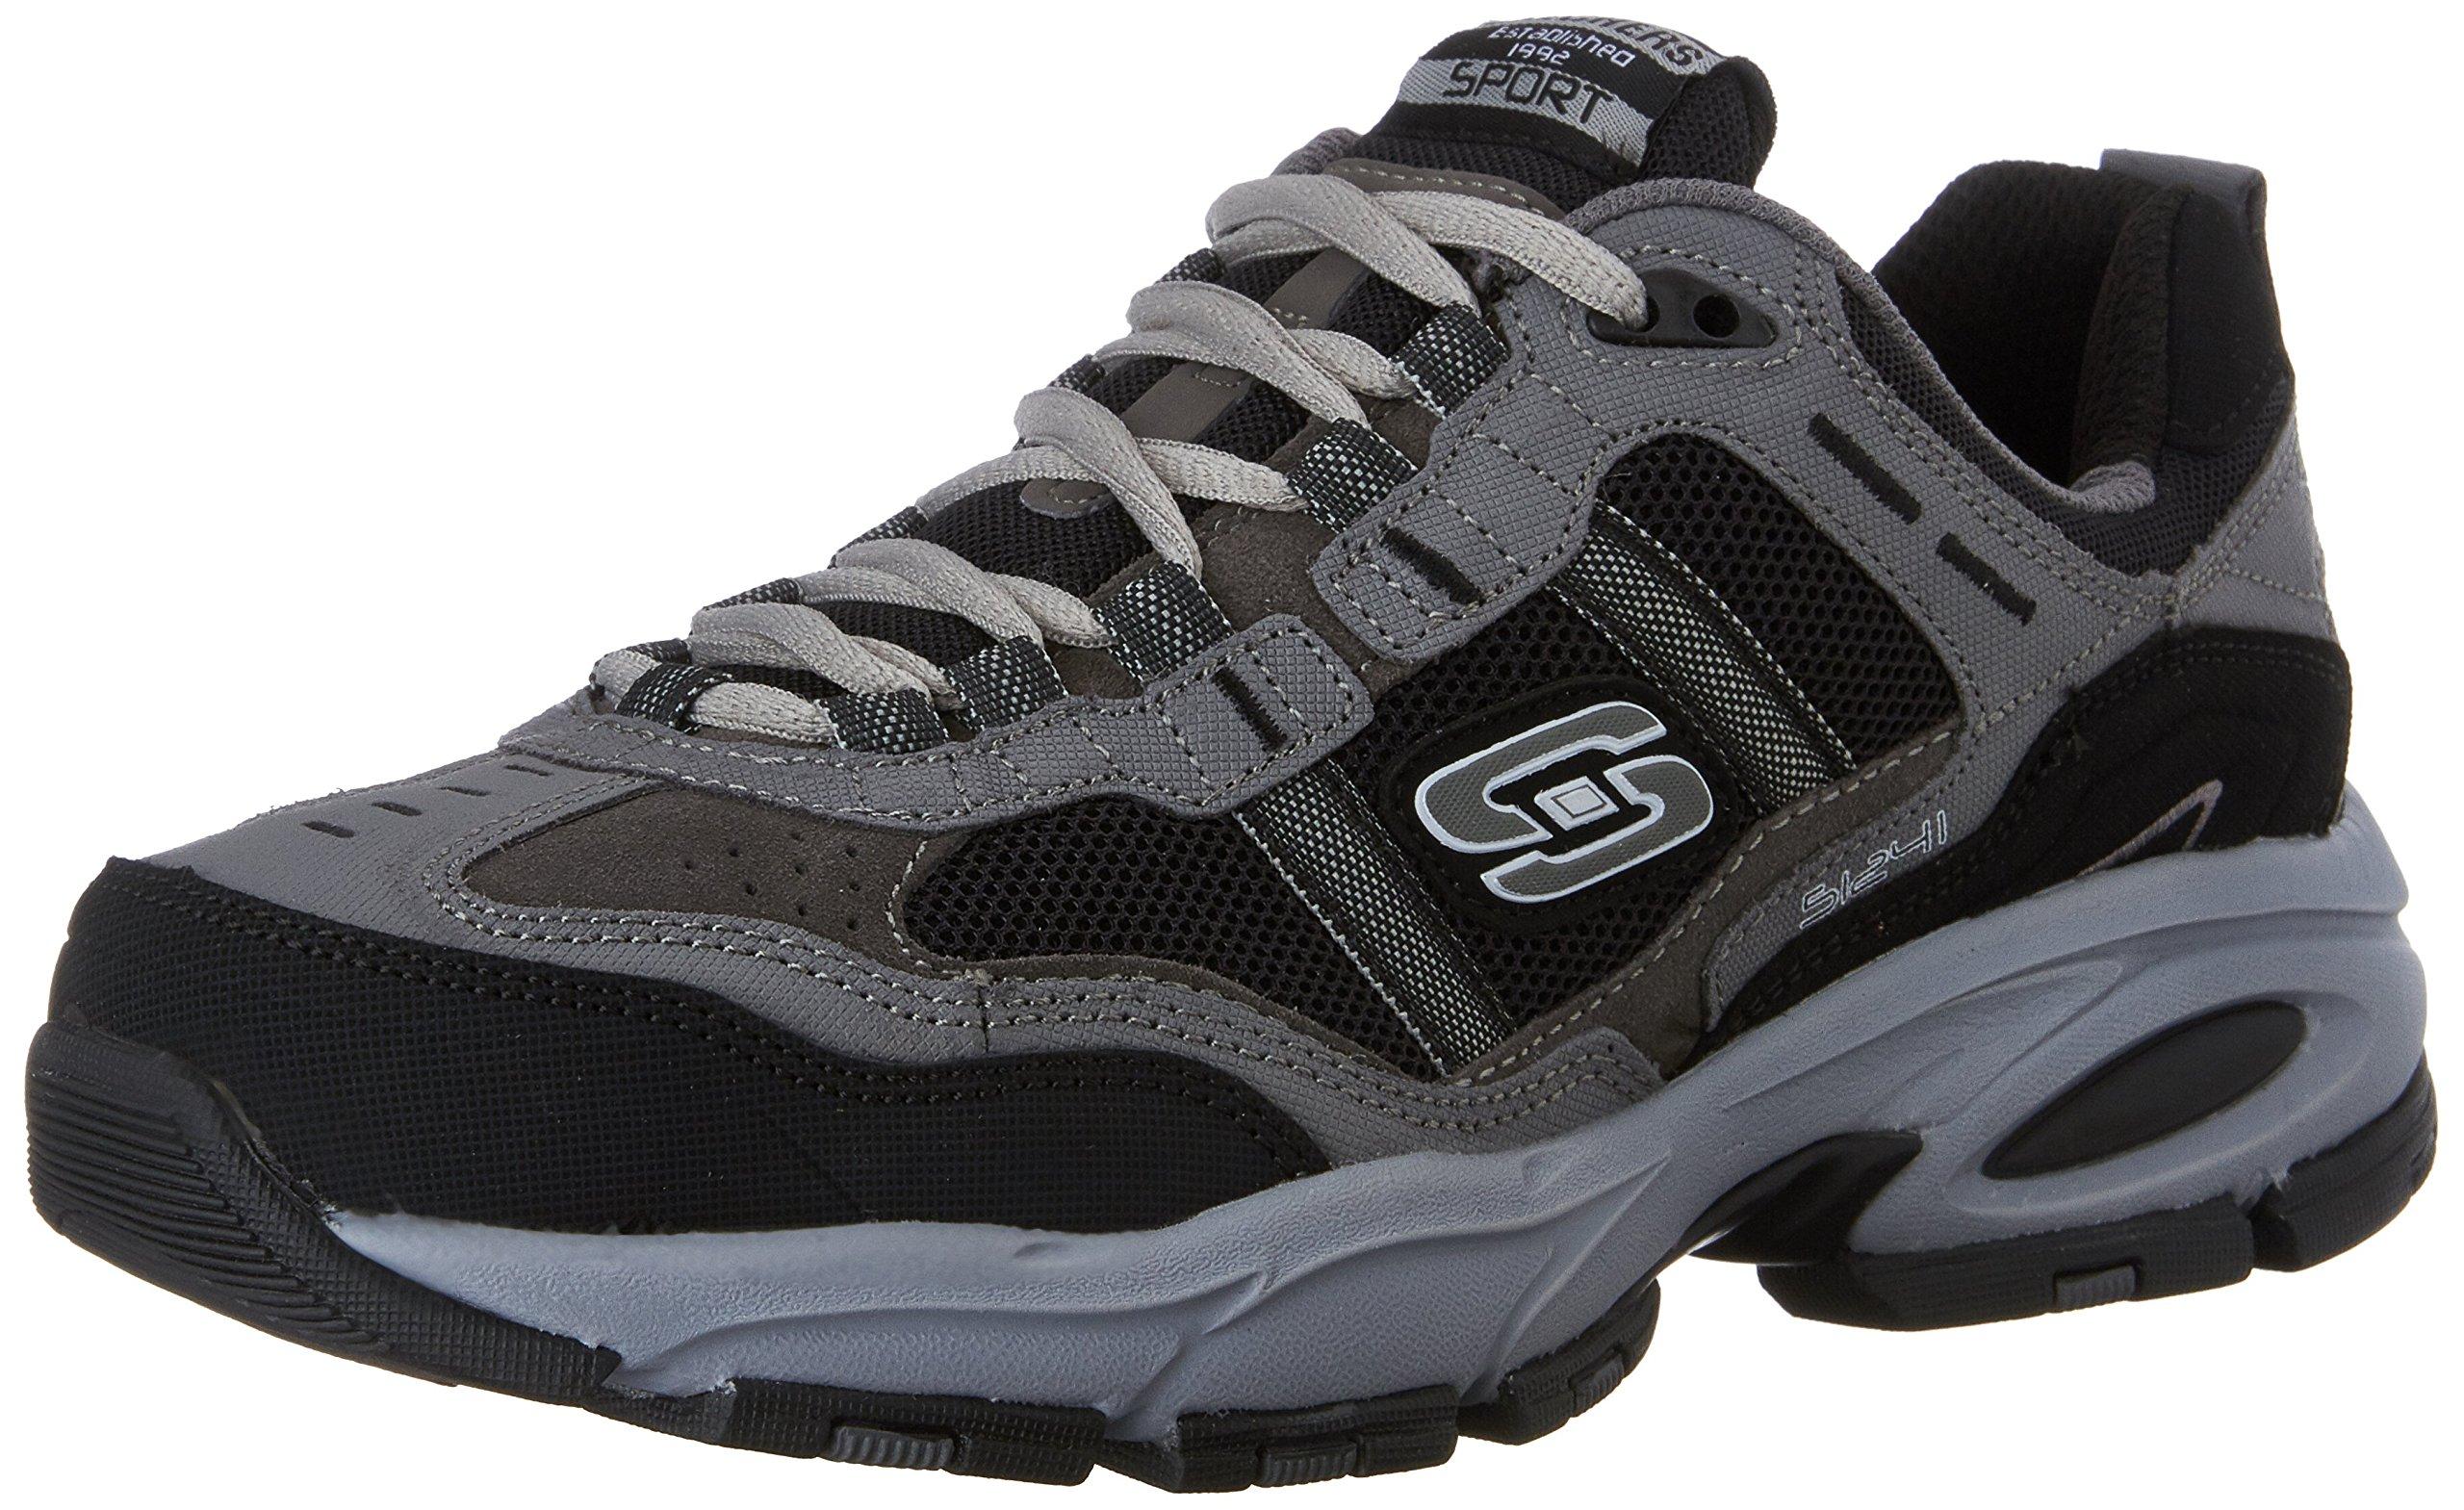 Skechers Sport Men's Vigor 2.0 Trait Memory Foam Sneaker, Charcoal/Black, 8.5 M US by Skechers